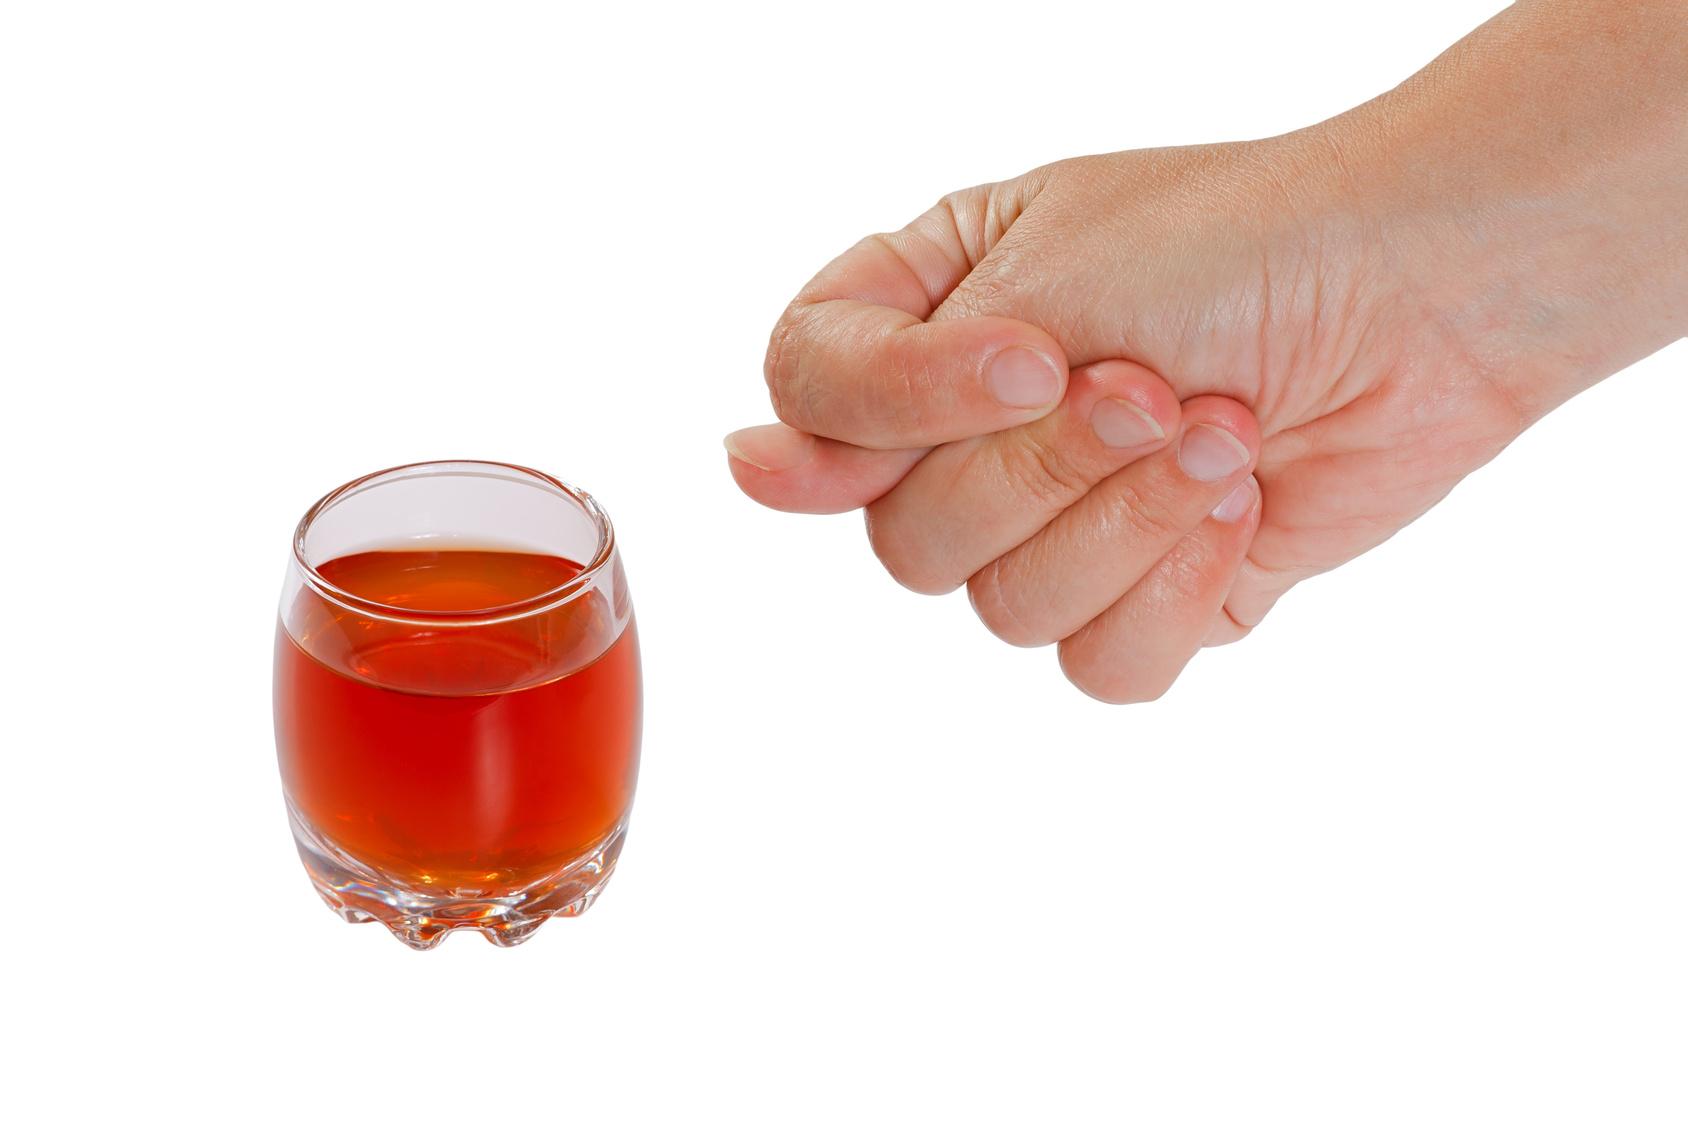 Закодироваться алкоголь тамбов